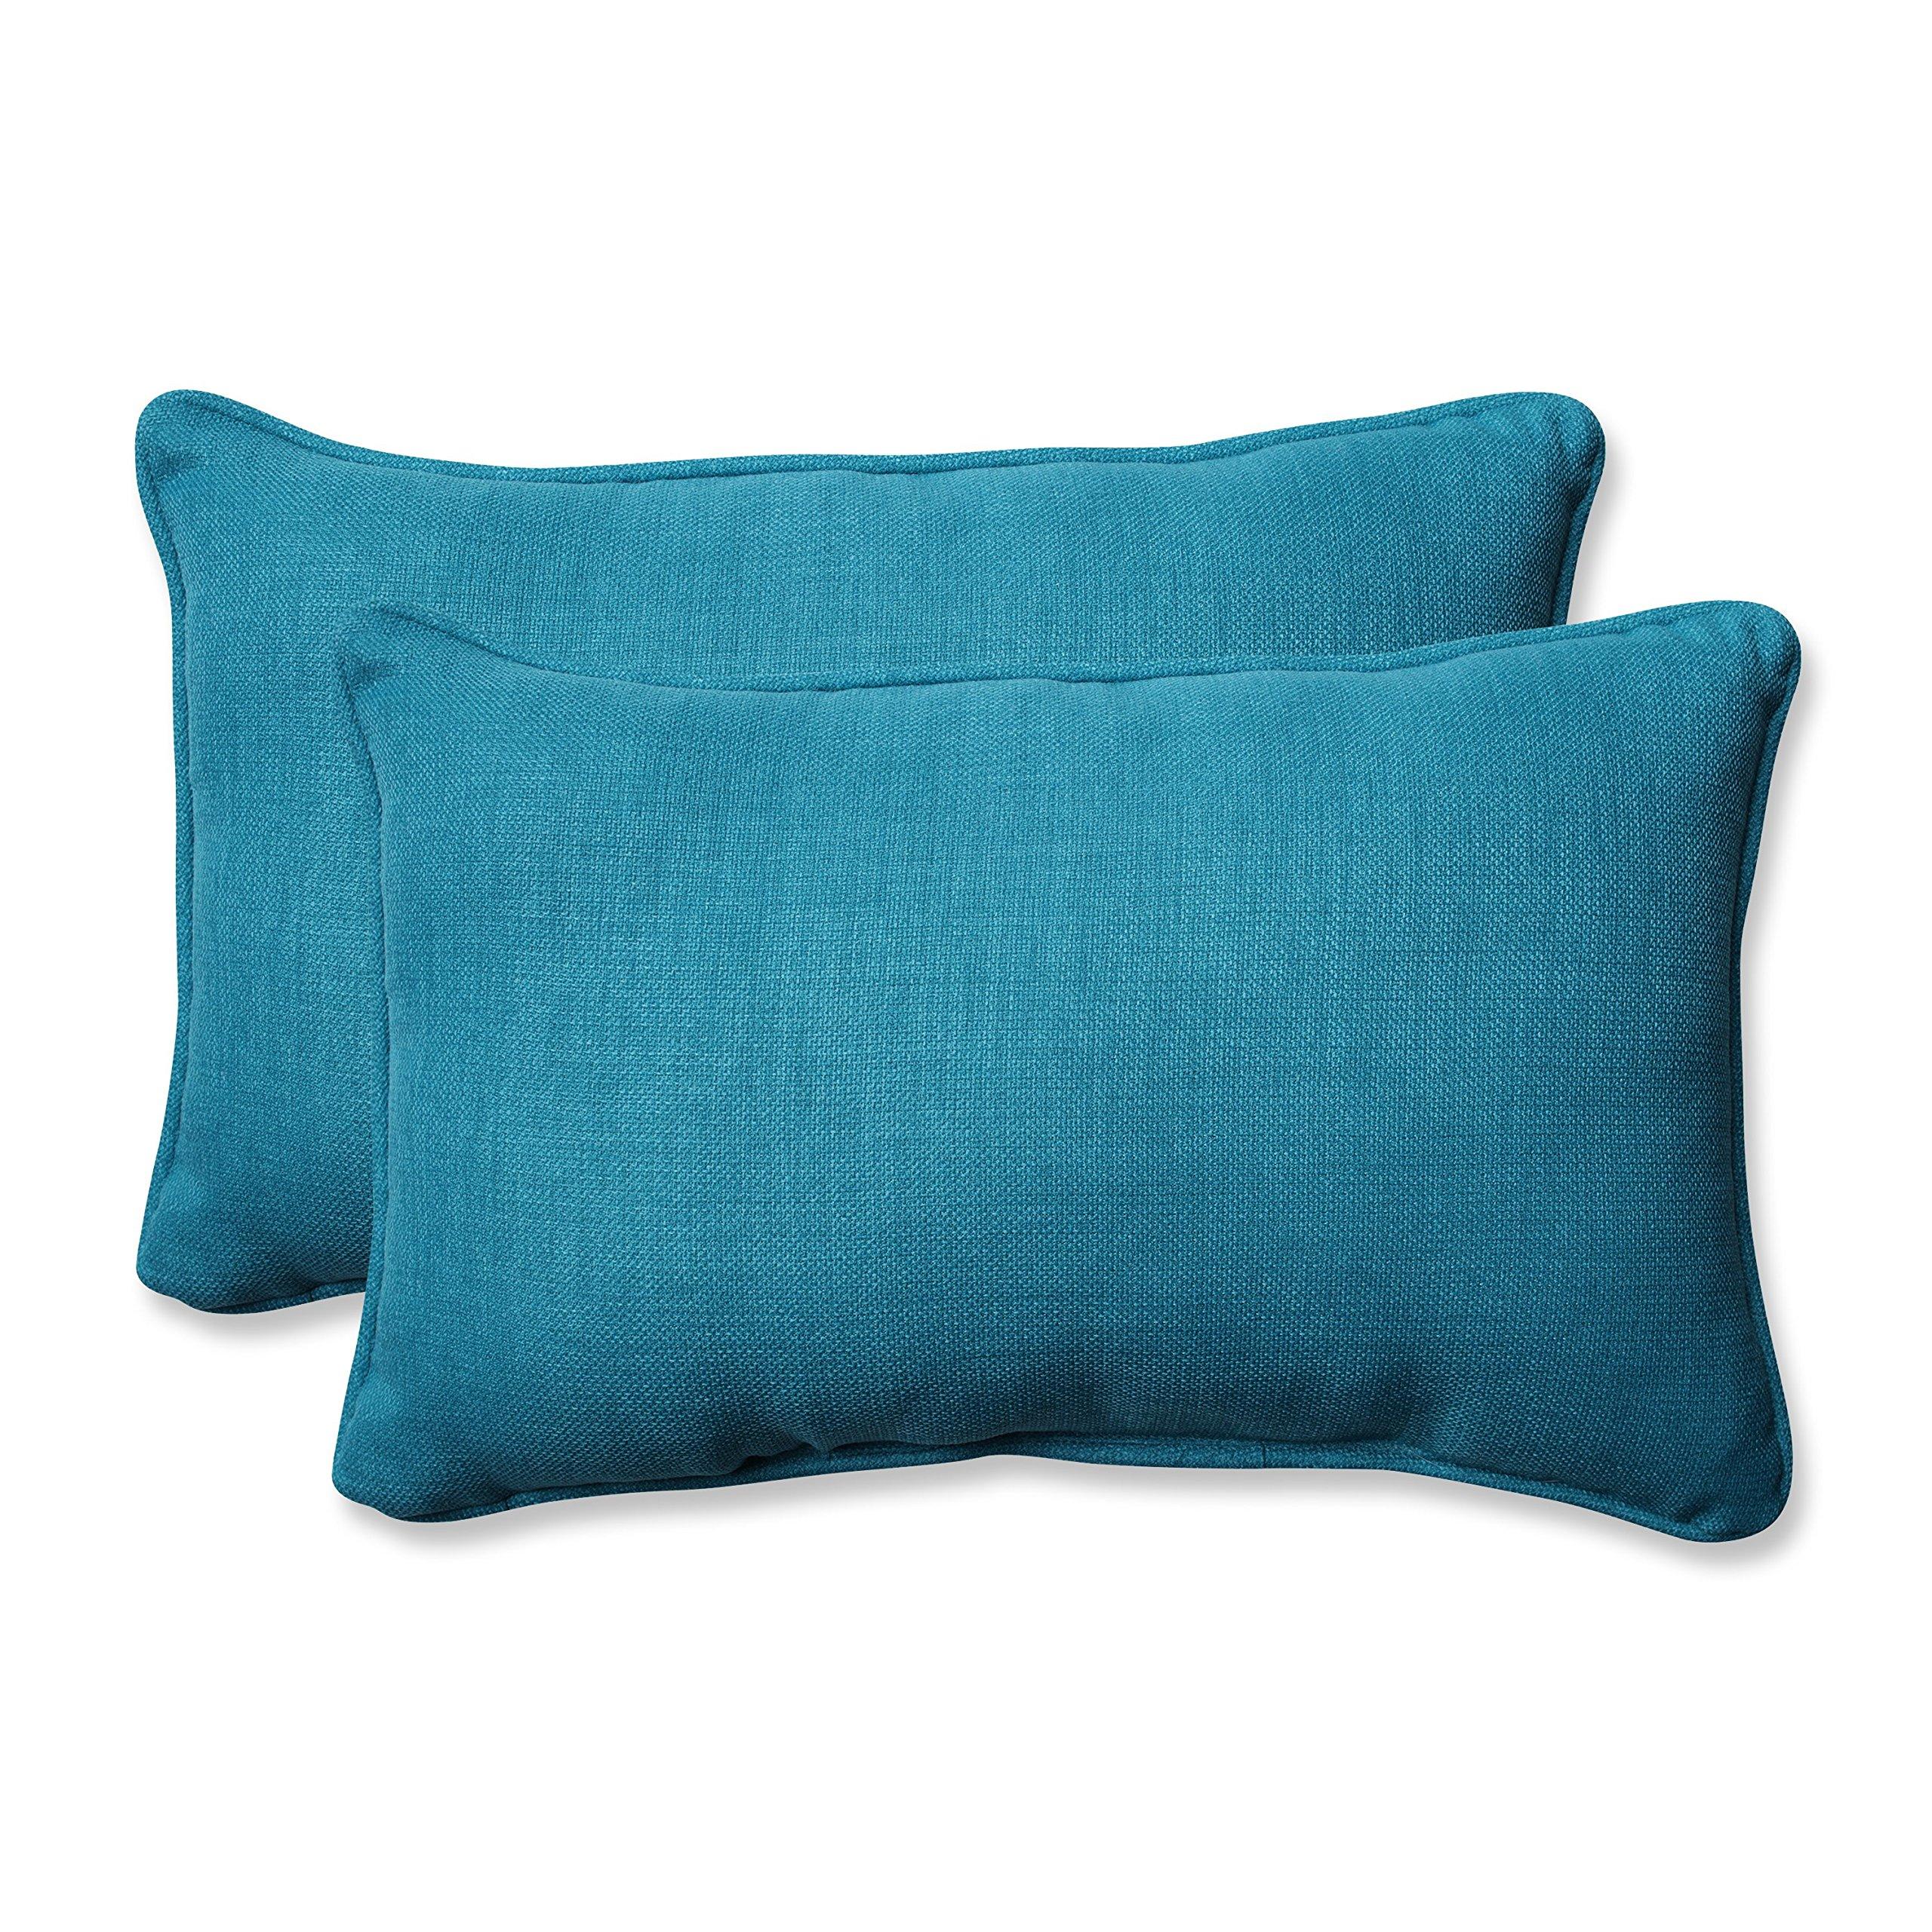 Pillow Perfect Outdoor/Indoor Rave Peacock Rectangular Throw Pillow (Set of 2)